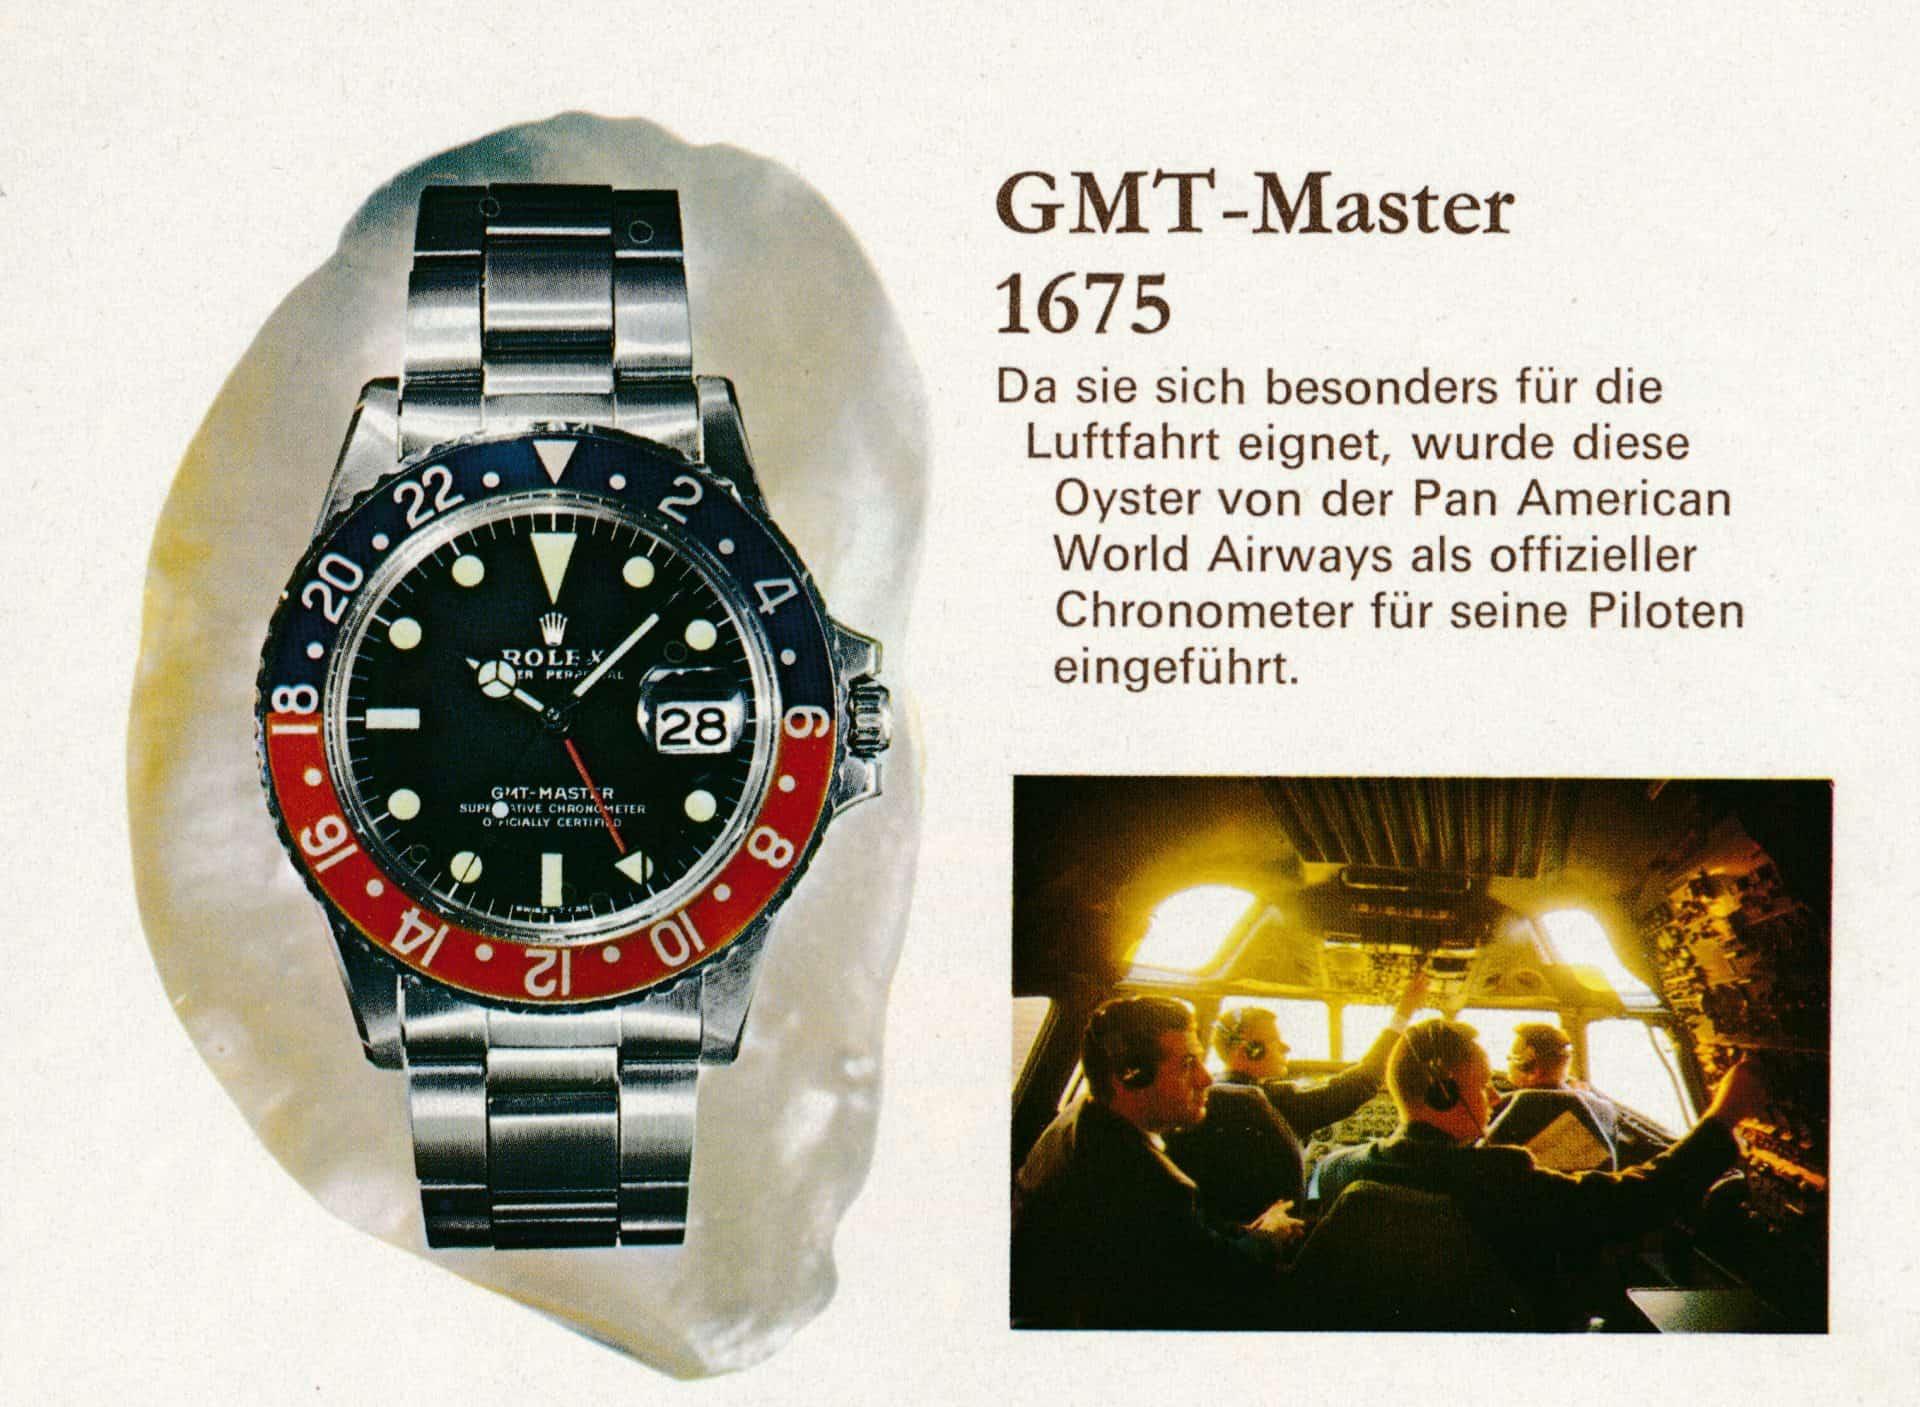 Rolex GMT-Master Pepsi, Referenz 1675, mit Drehlünette zum damaligen Preis von 1975 Mark